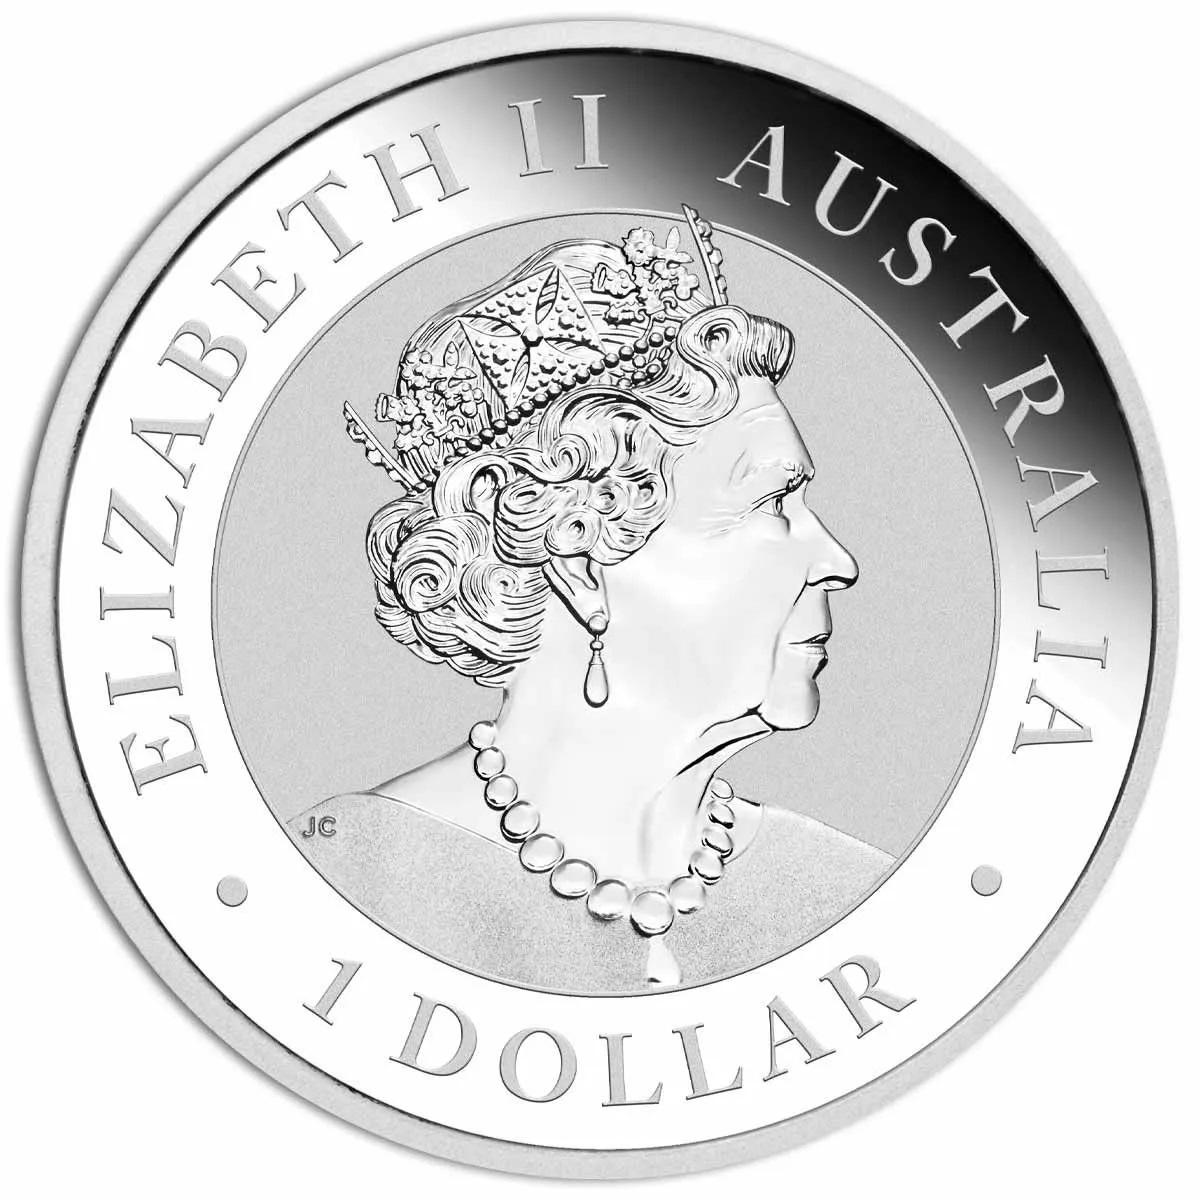 Австралия монета 1 доллар, серебро, 2021 год, аверс